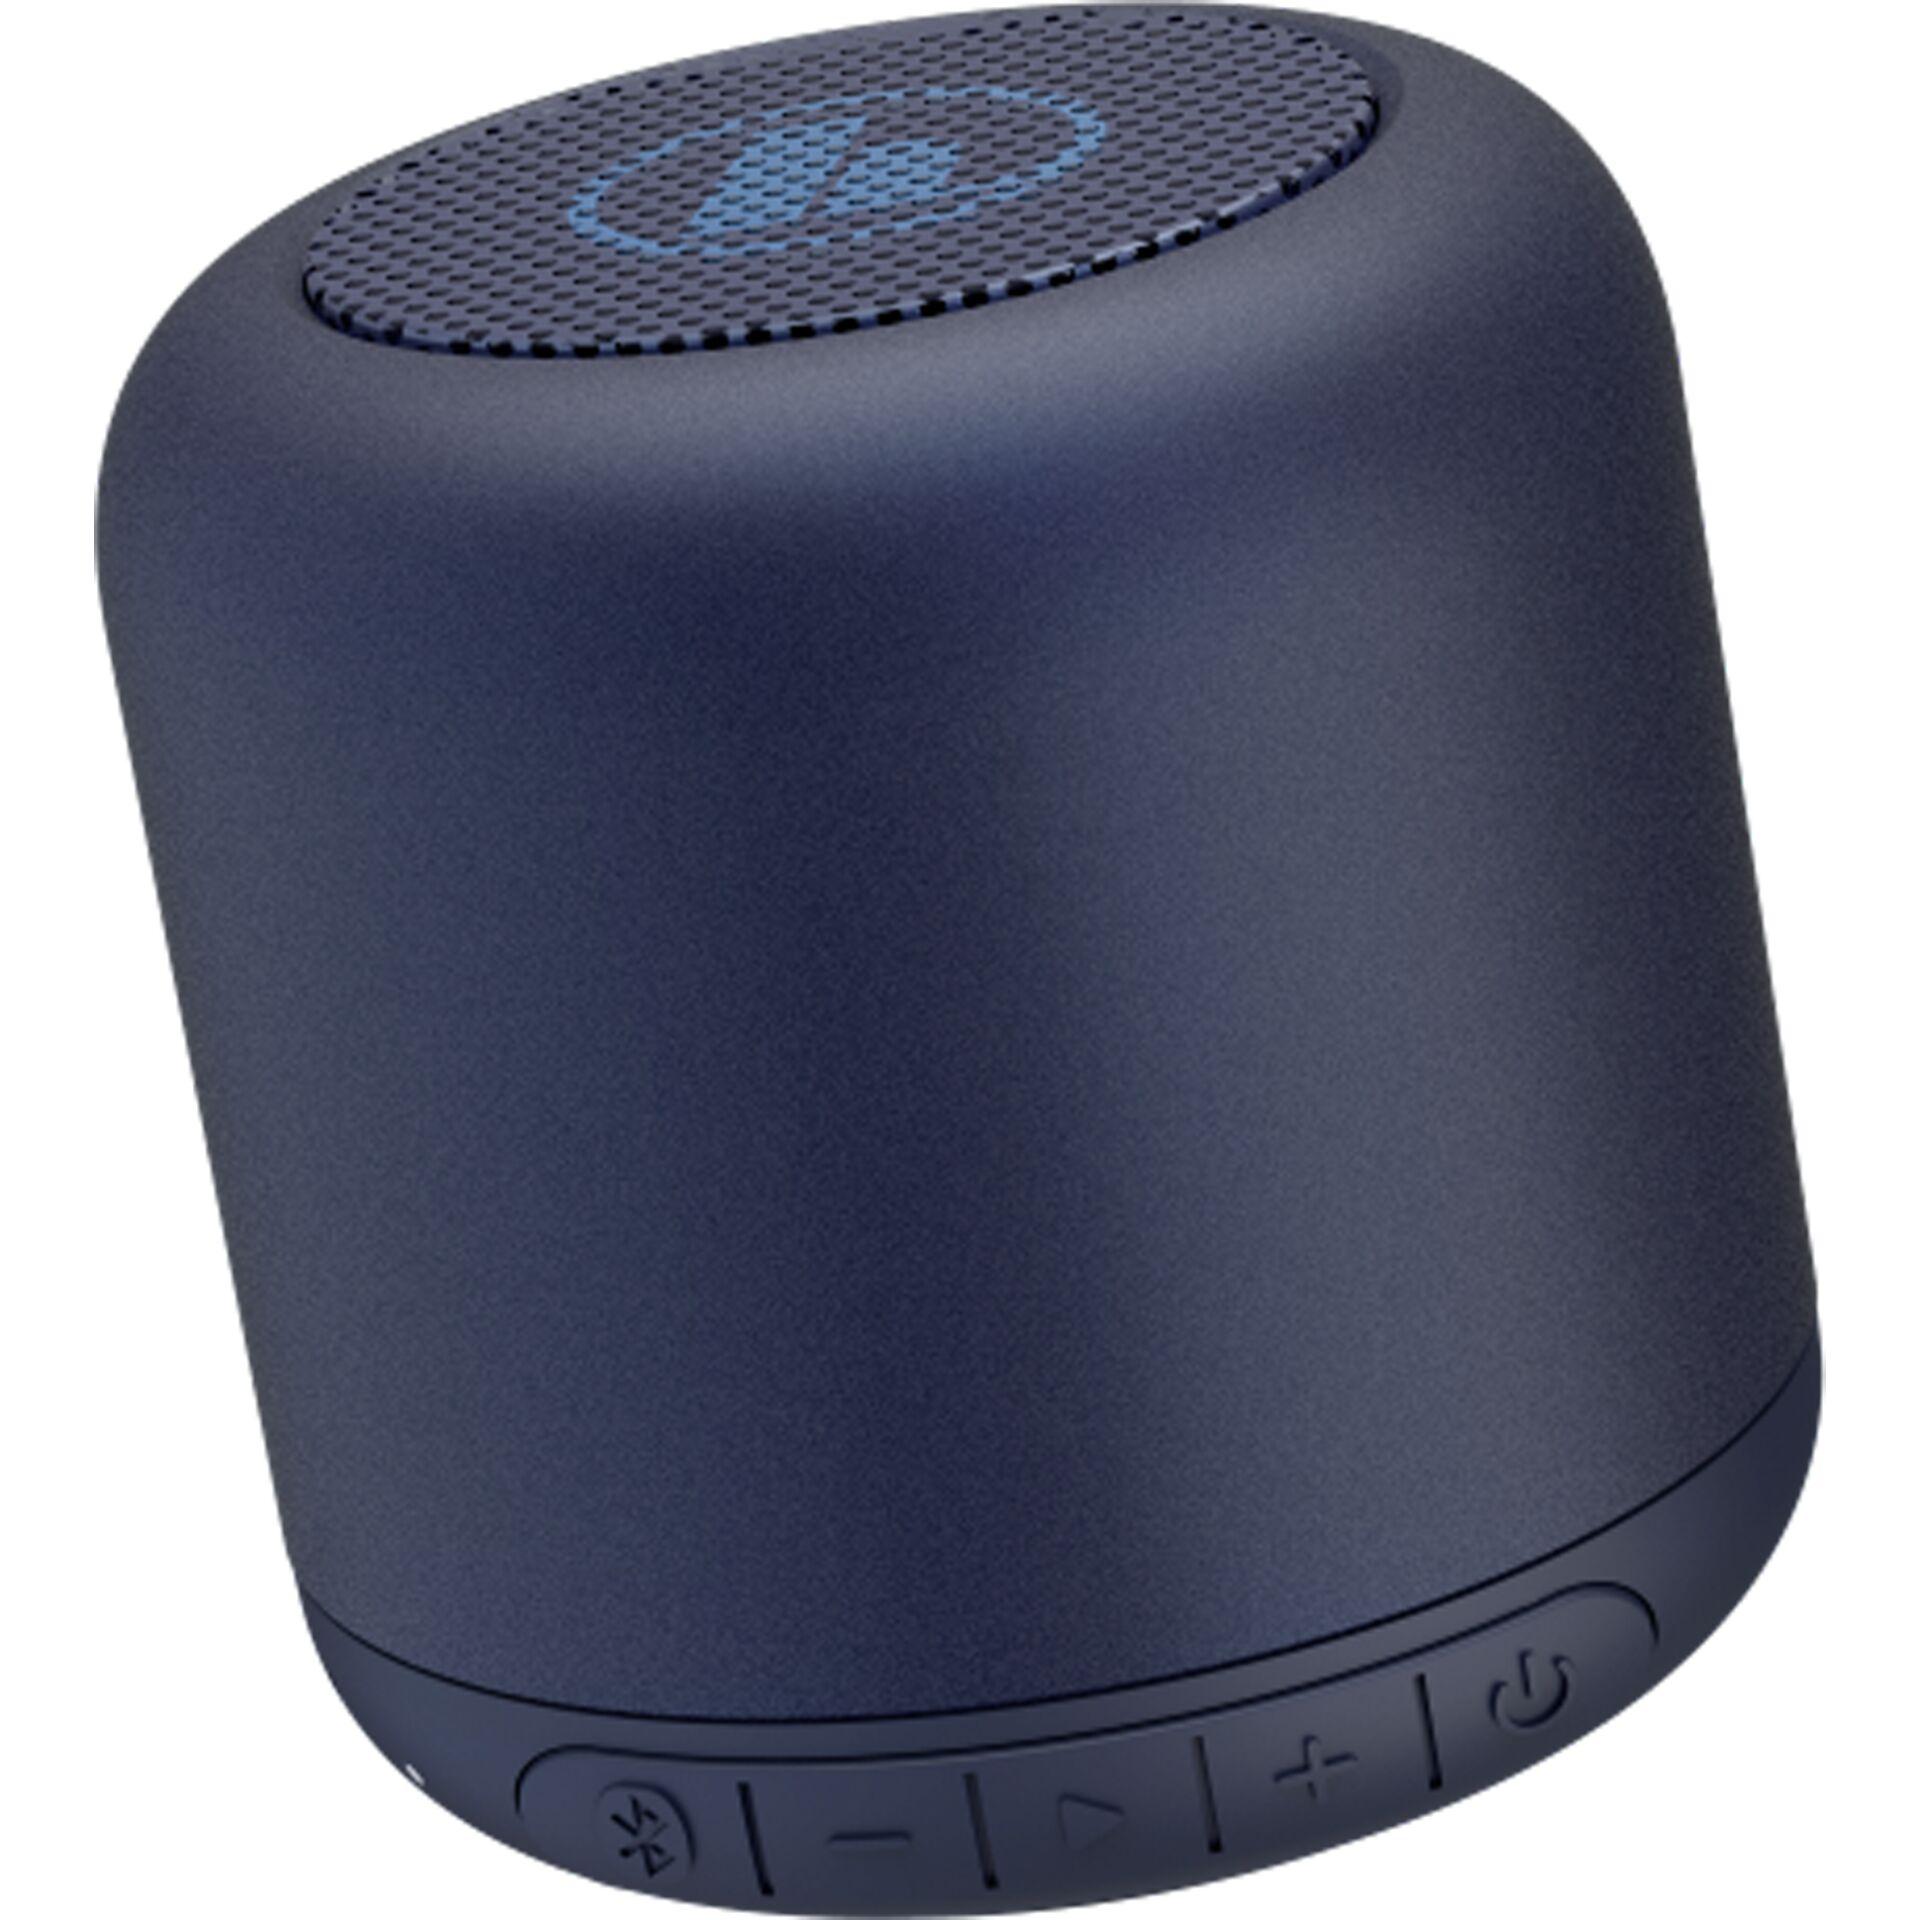 Hama Drum 2.0 Mobile Bluetooth Speakers black